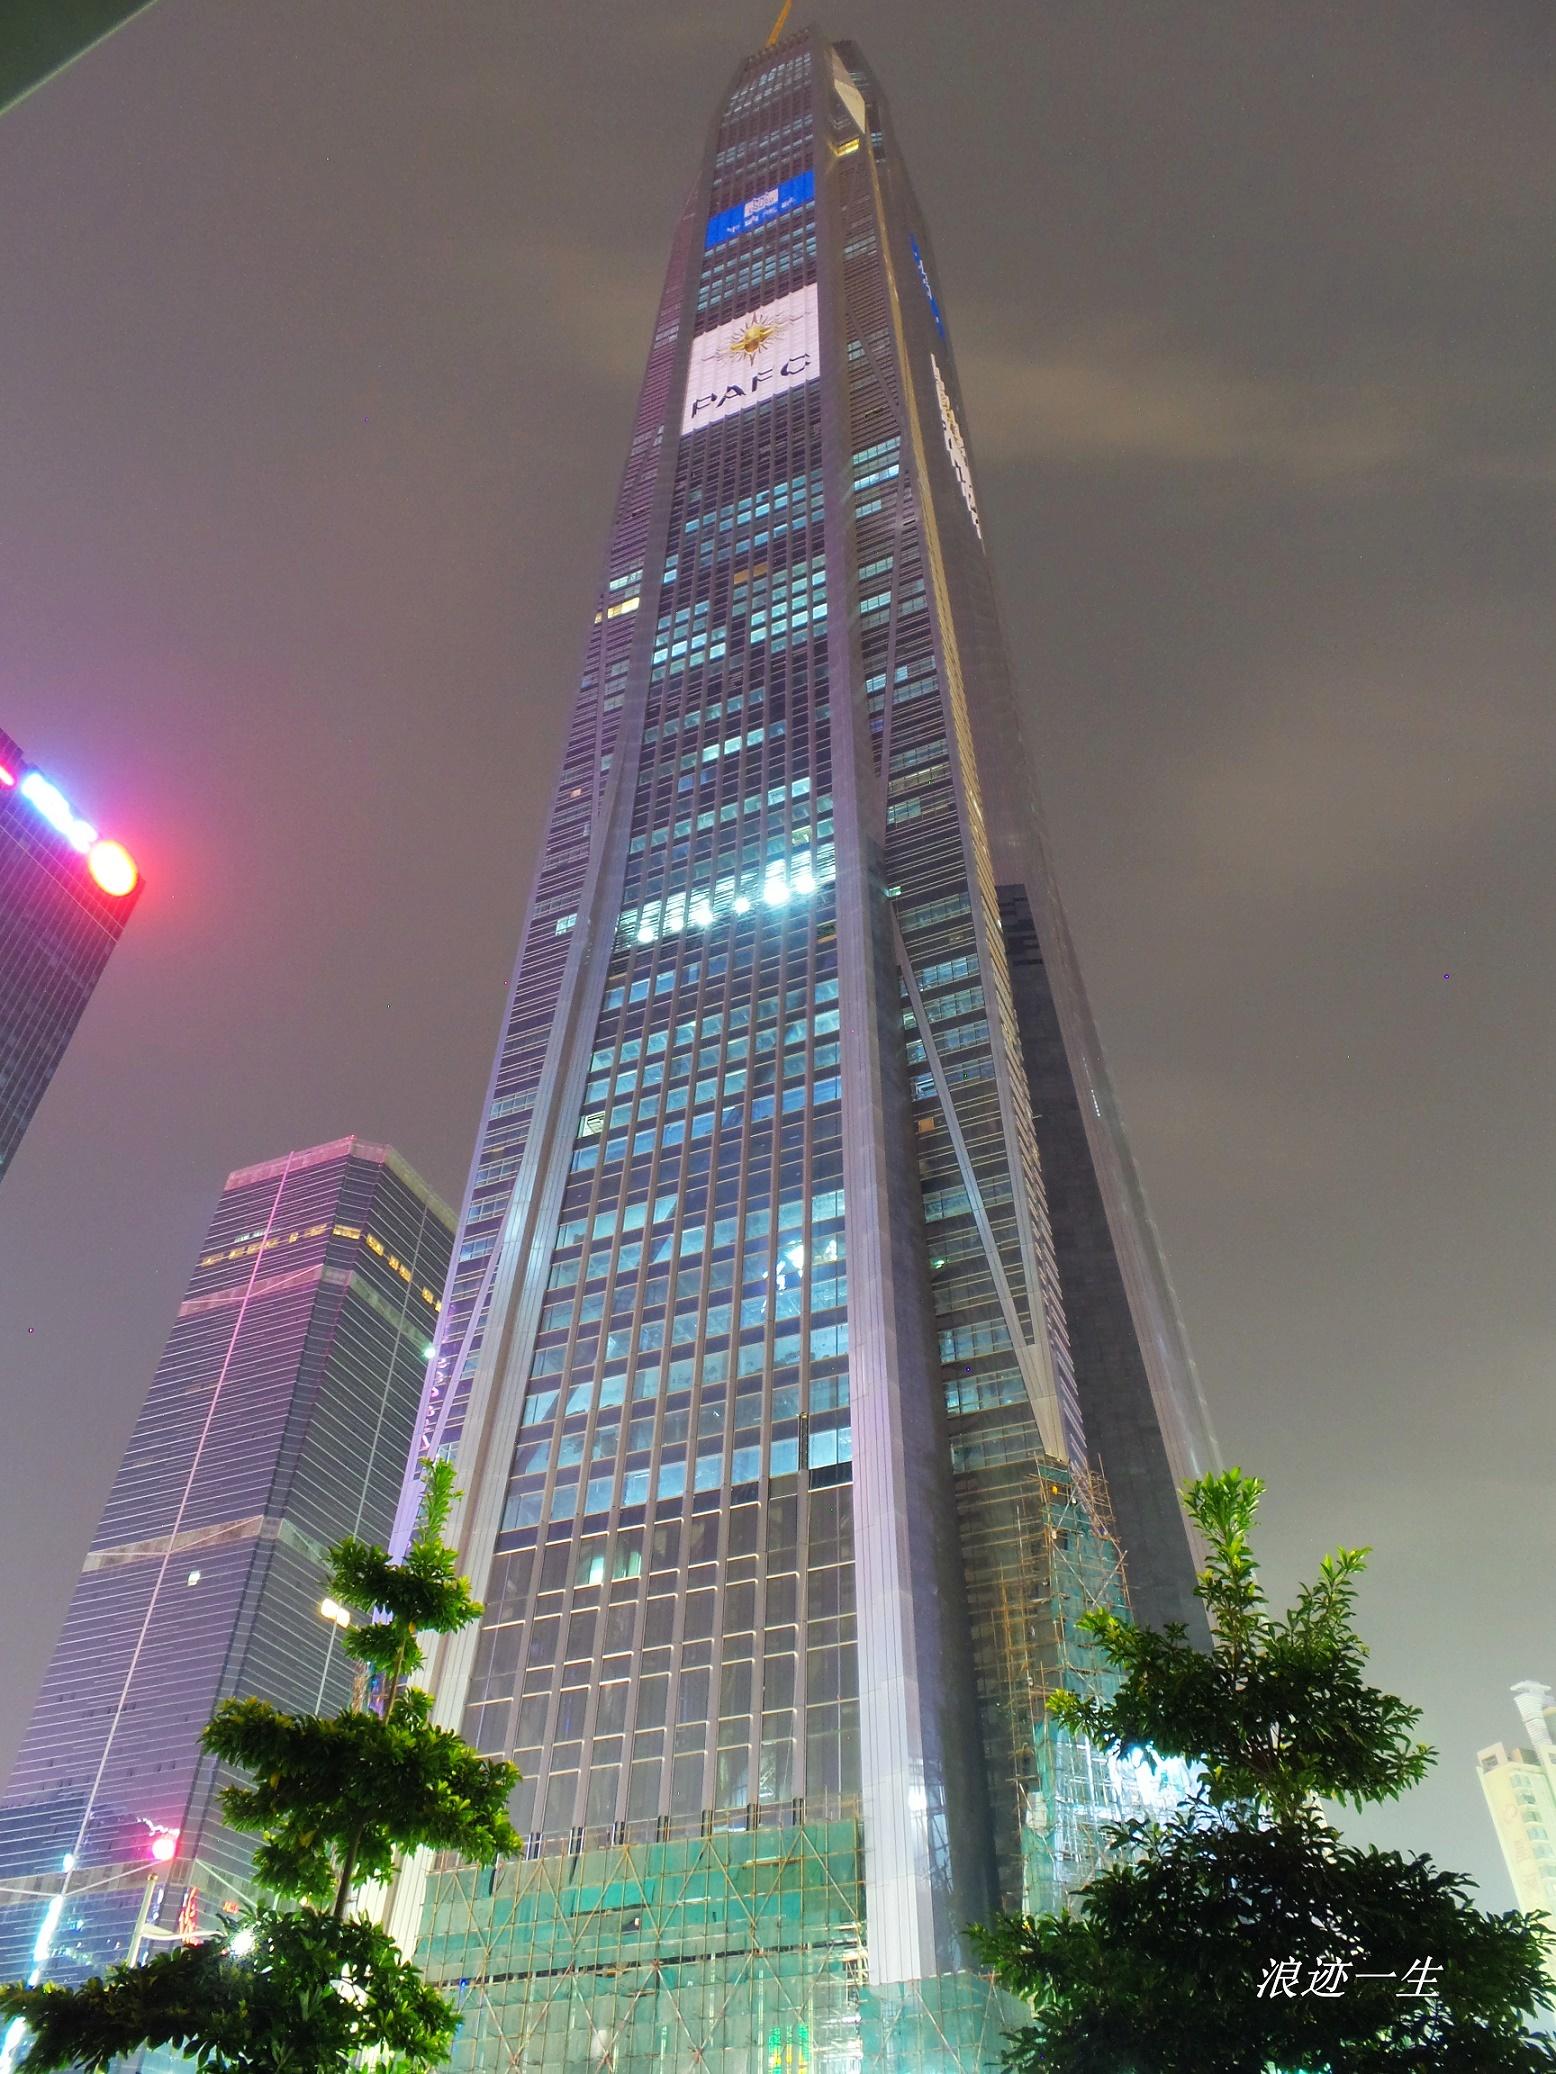 深圳平安国际金融中心|592.5米|118层|建成